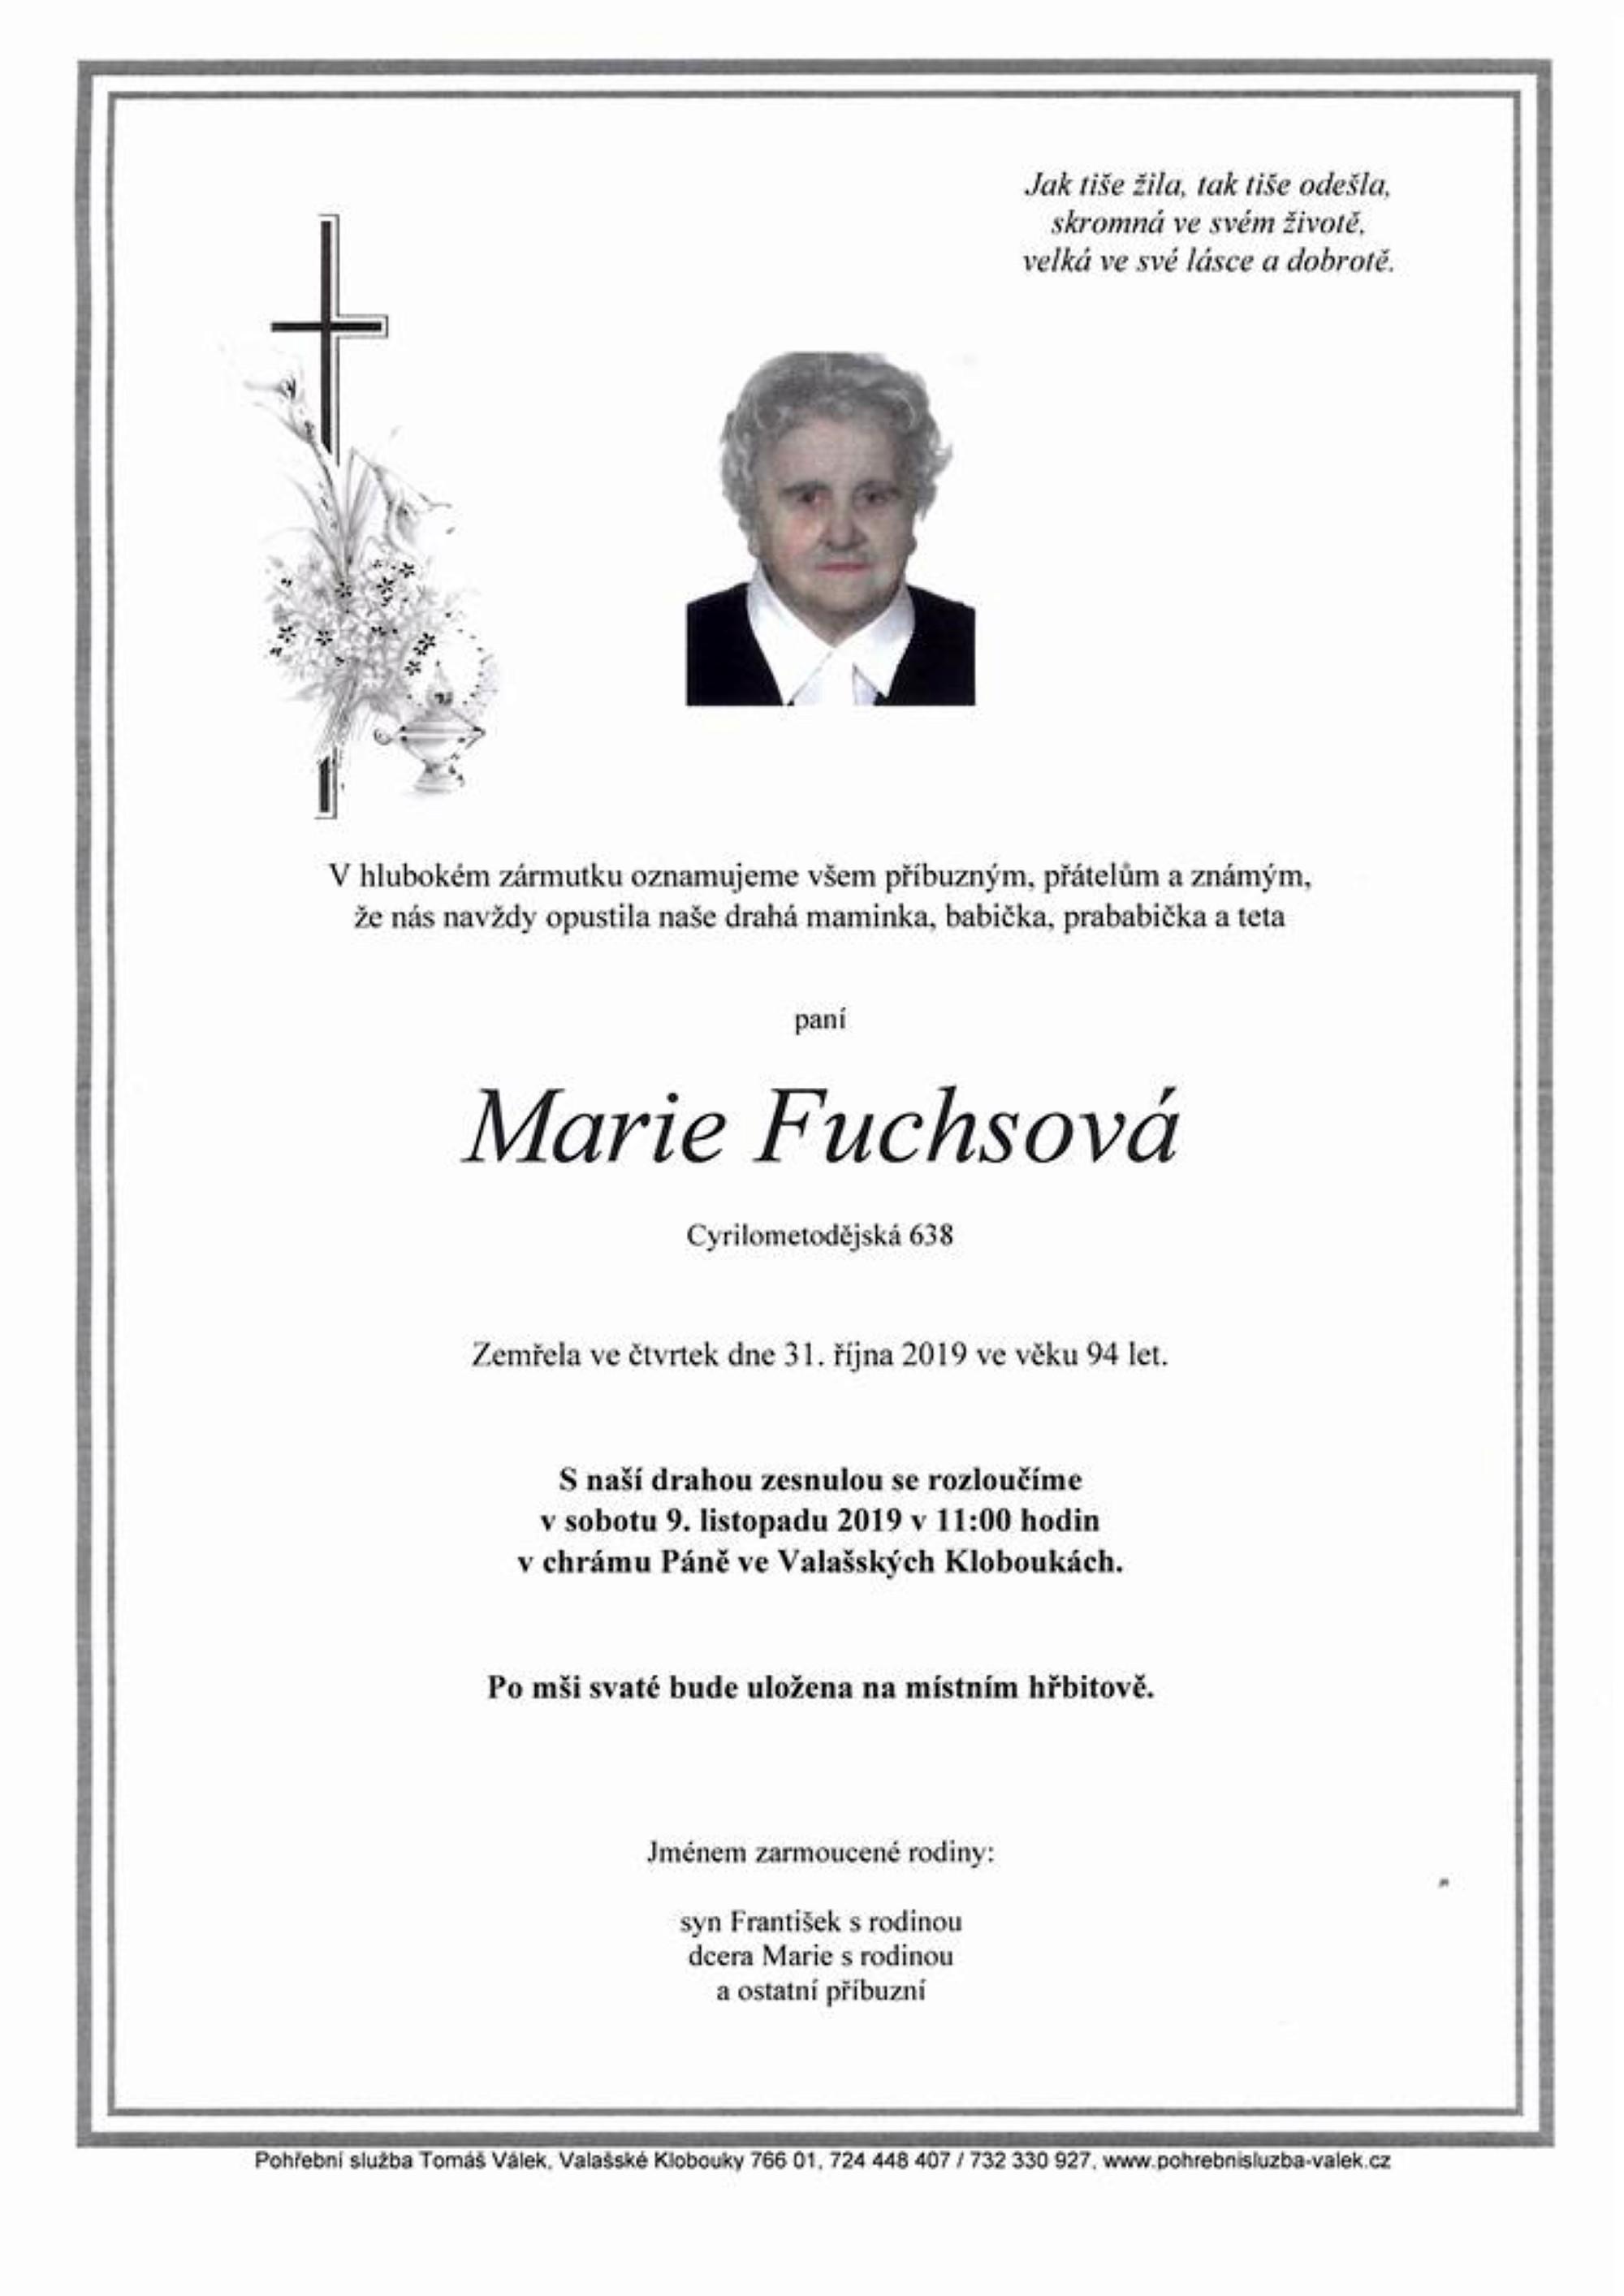 Marie Fuchsová